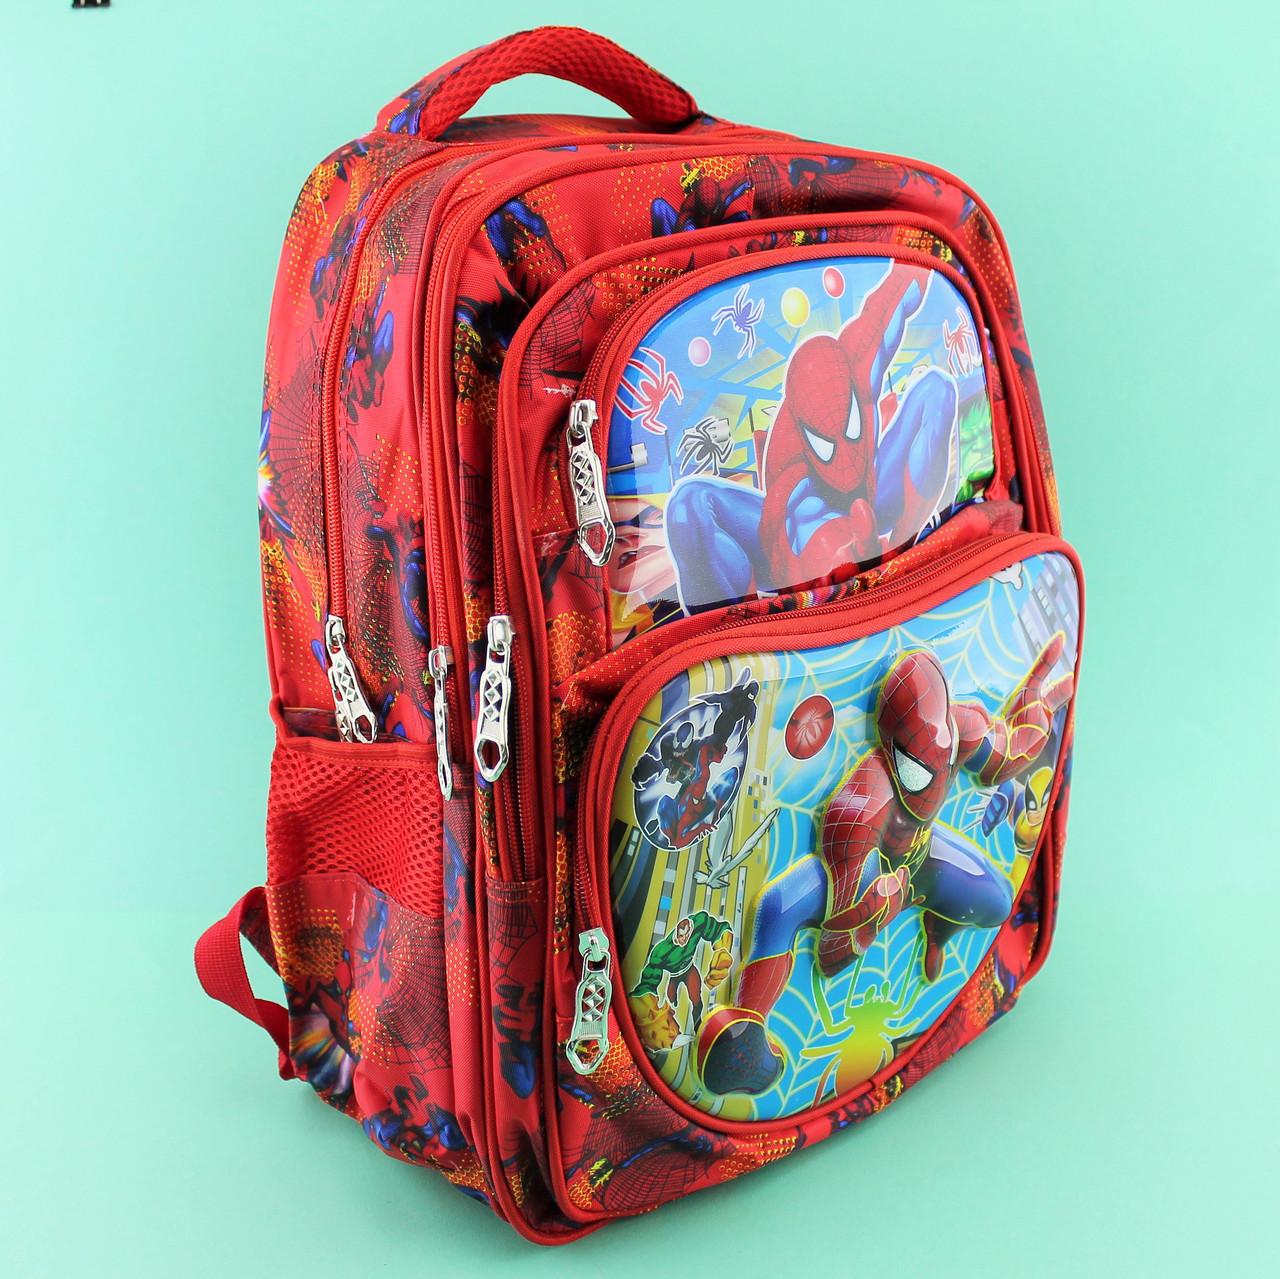 400347291f94 Школьный рюкзак мальчика Человек Паук, ортопедическая спинка 24 л 5  отделений 30х20x40см - Style-